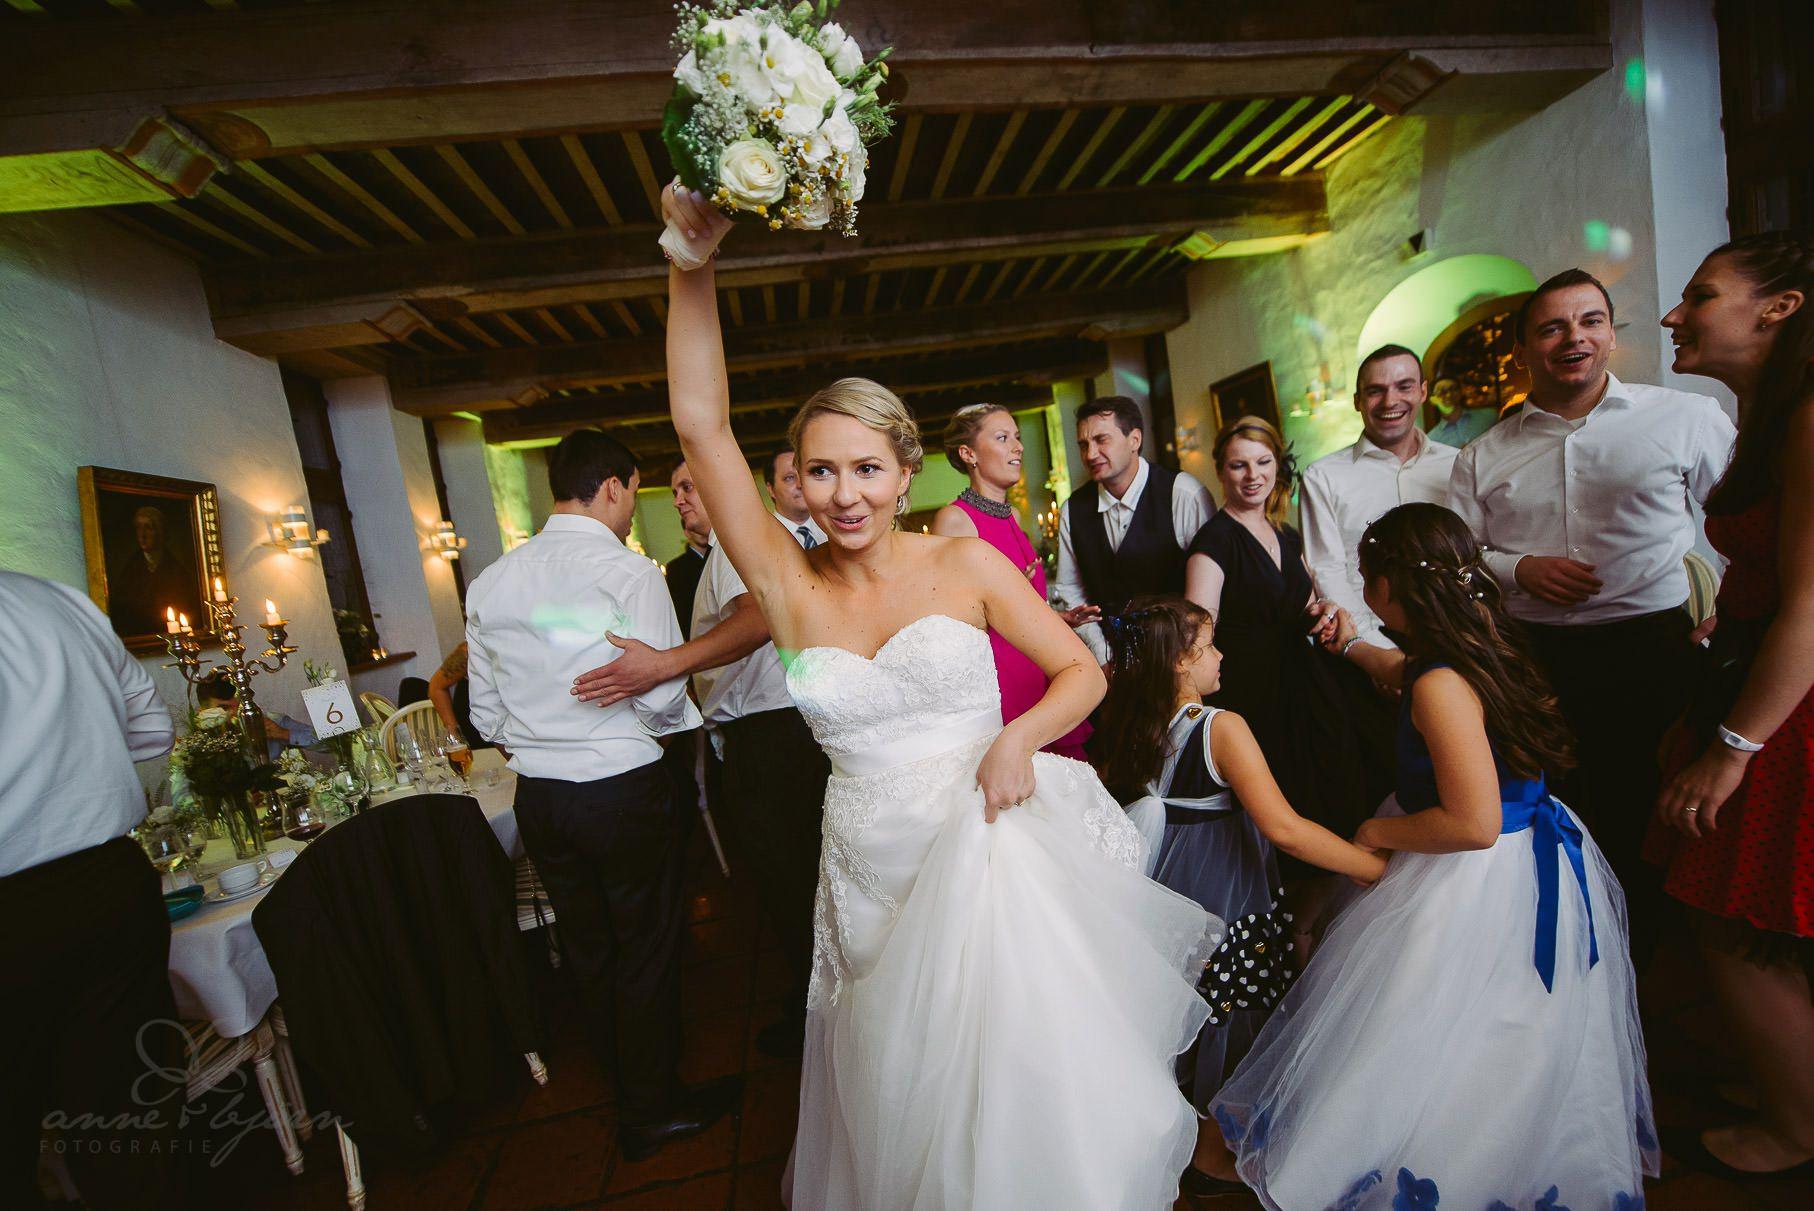 0068 euo 812 2382 - Hochzeit im Schloss Reinbek - Elvira & Olaf